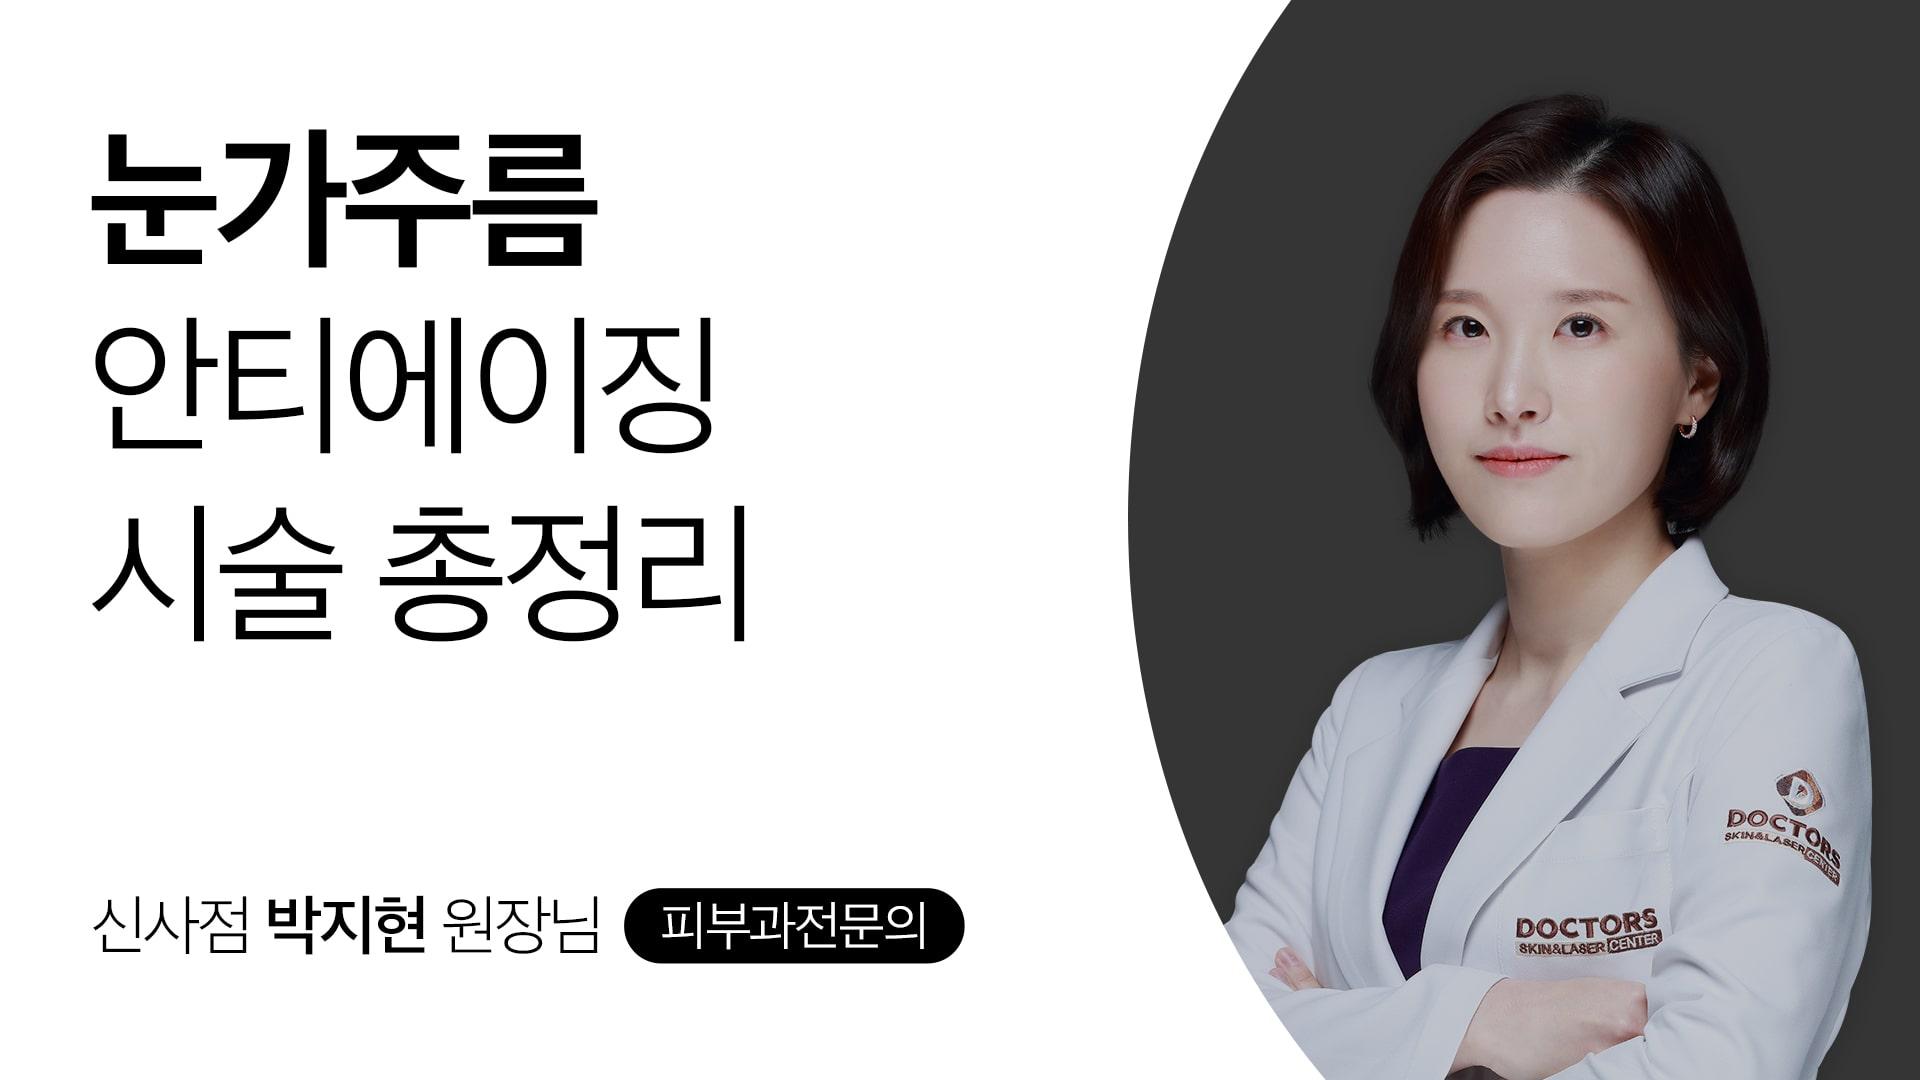 눈가주름 안티에이징 시술 총정리